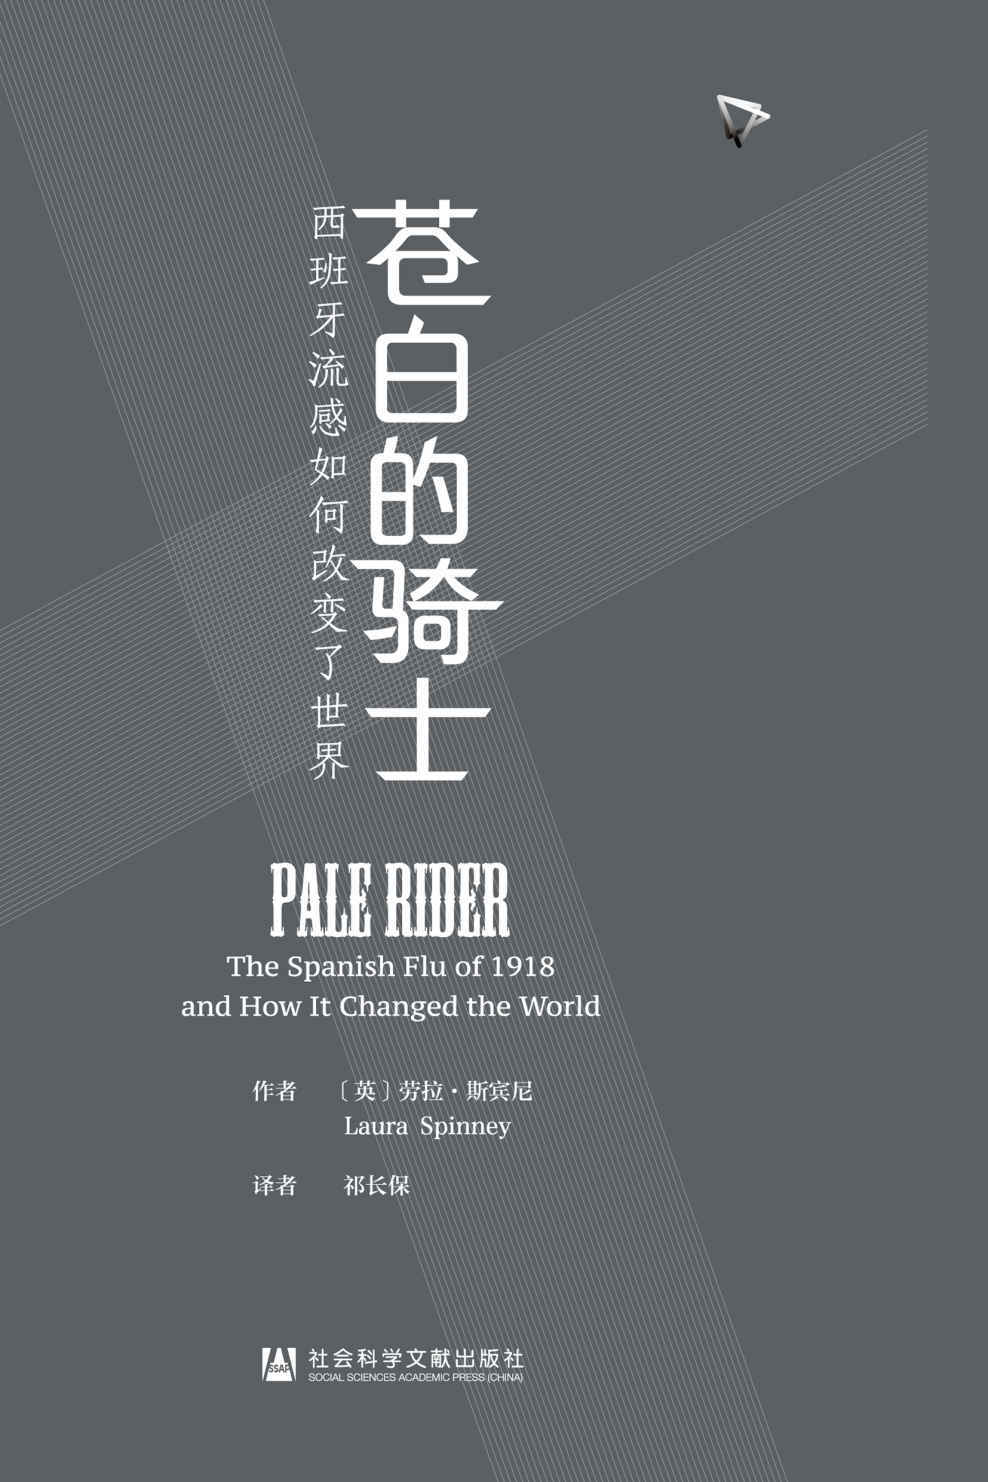 苍白的骑士 : 西班牙流感如何改变了世界 [英] 劳拉·斯宾尼pdf-epub-mobi-txt-azw3